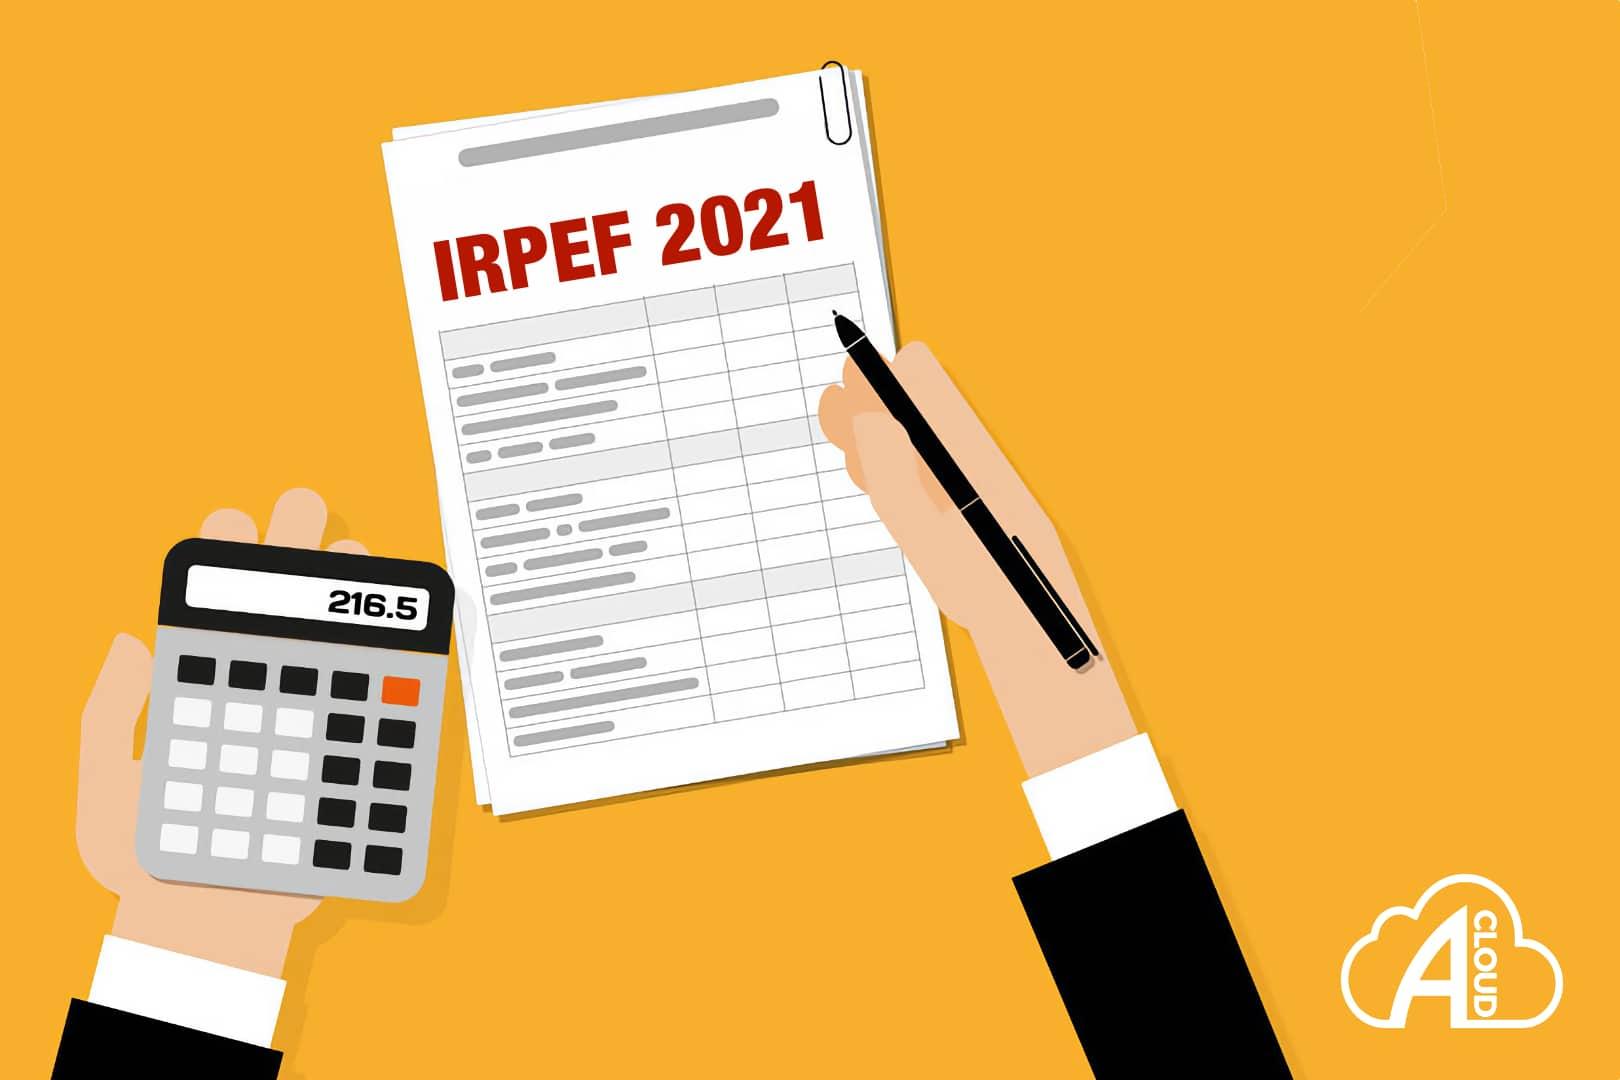 Calcolatore IRPEF 2021 - Applicazione gratuita